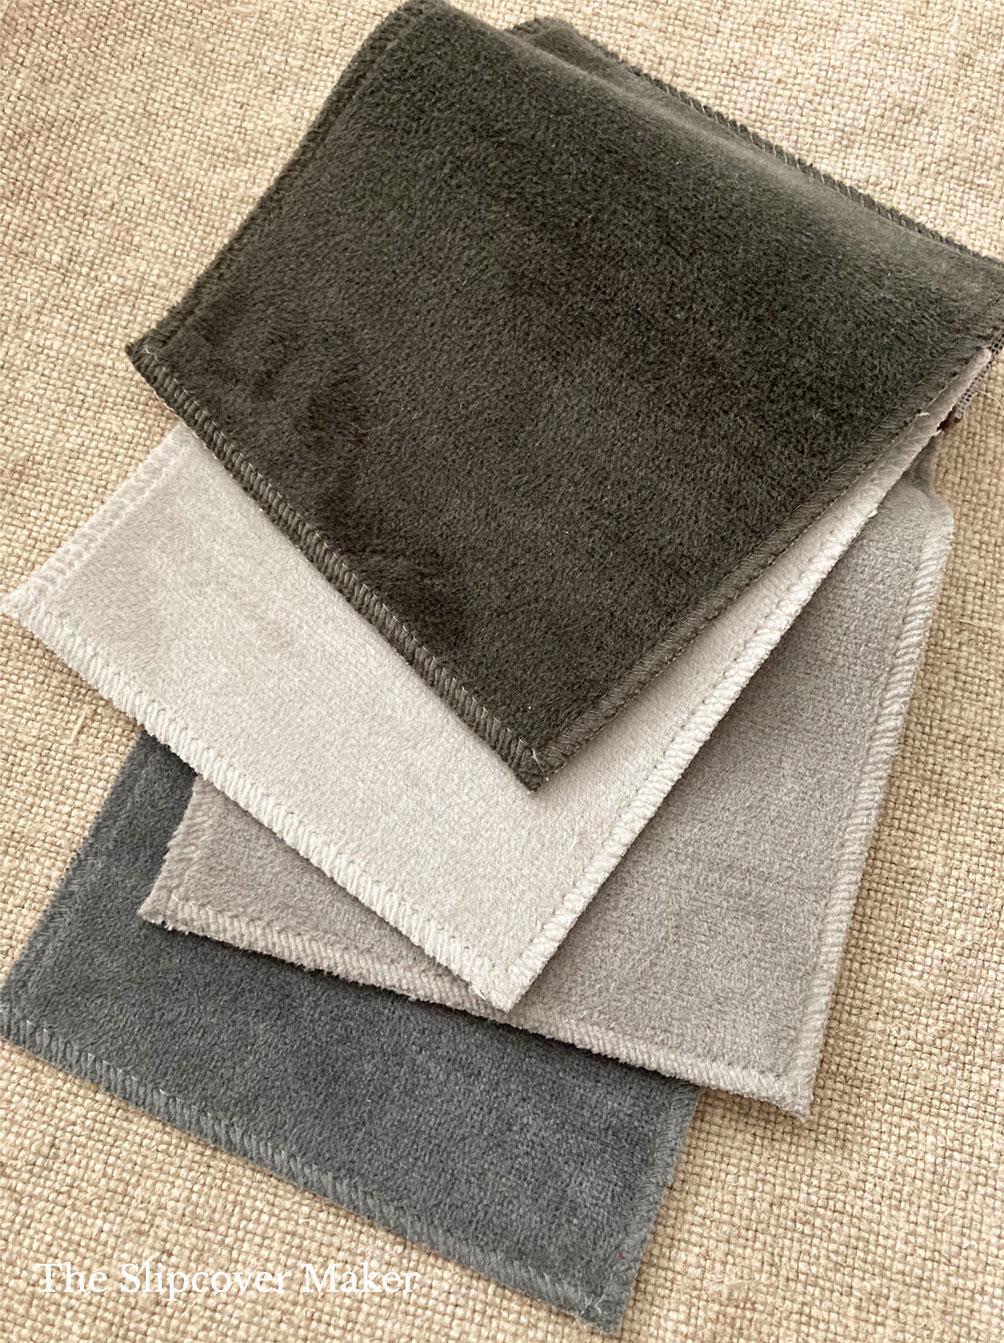 Best Velvet Fabrics for Washable Slipcovers